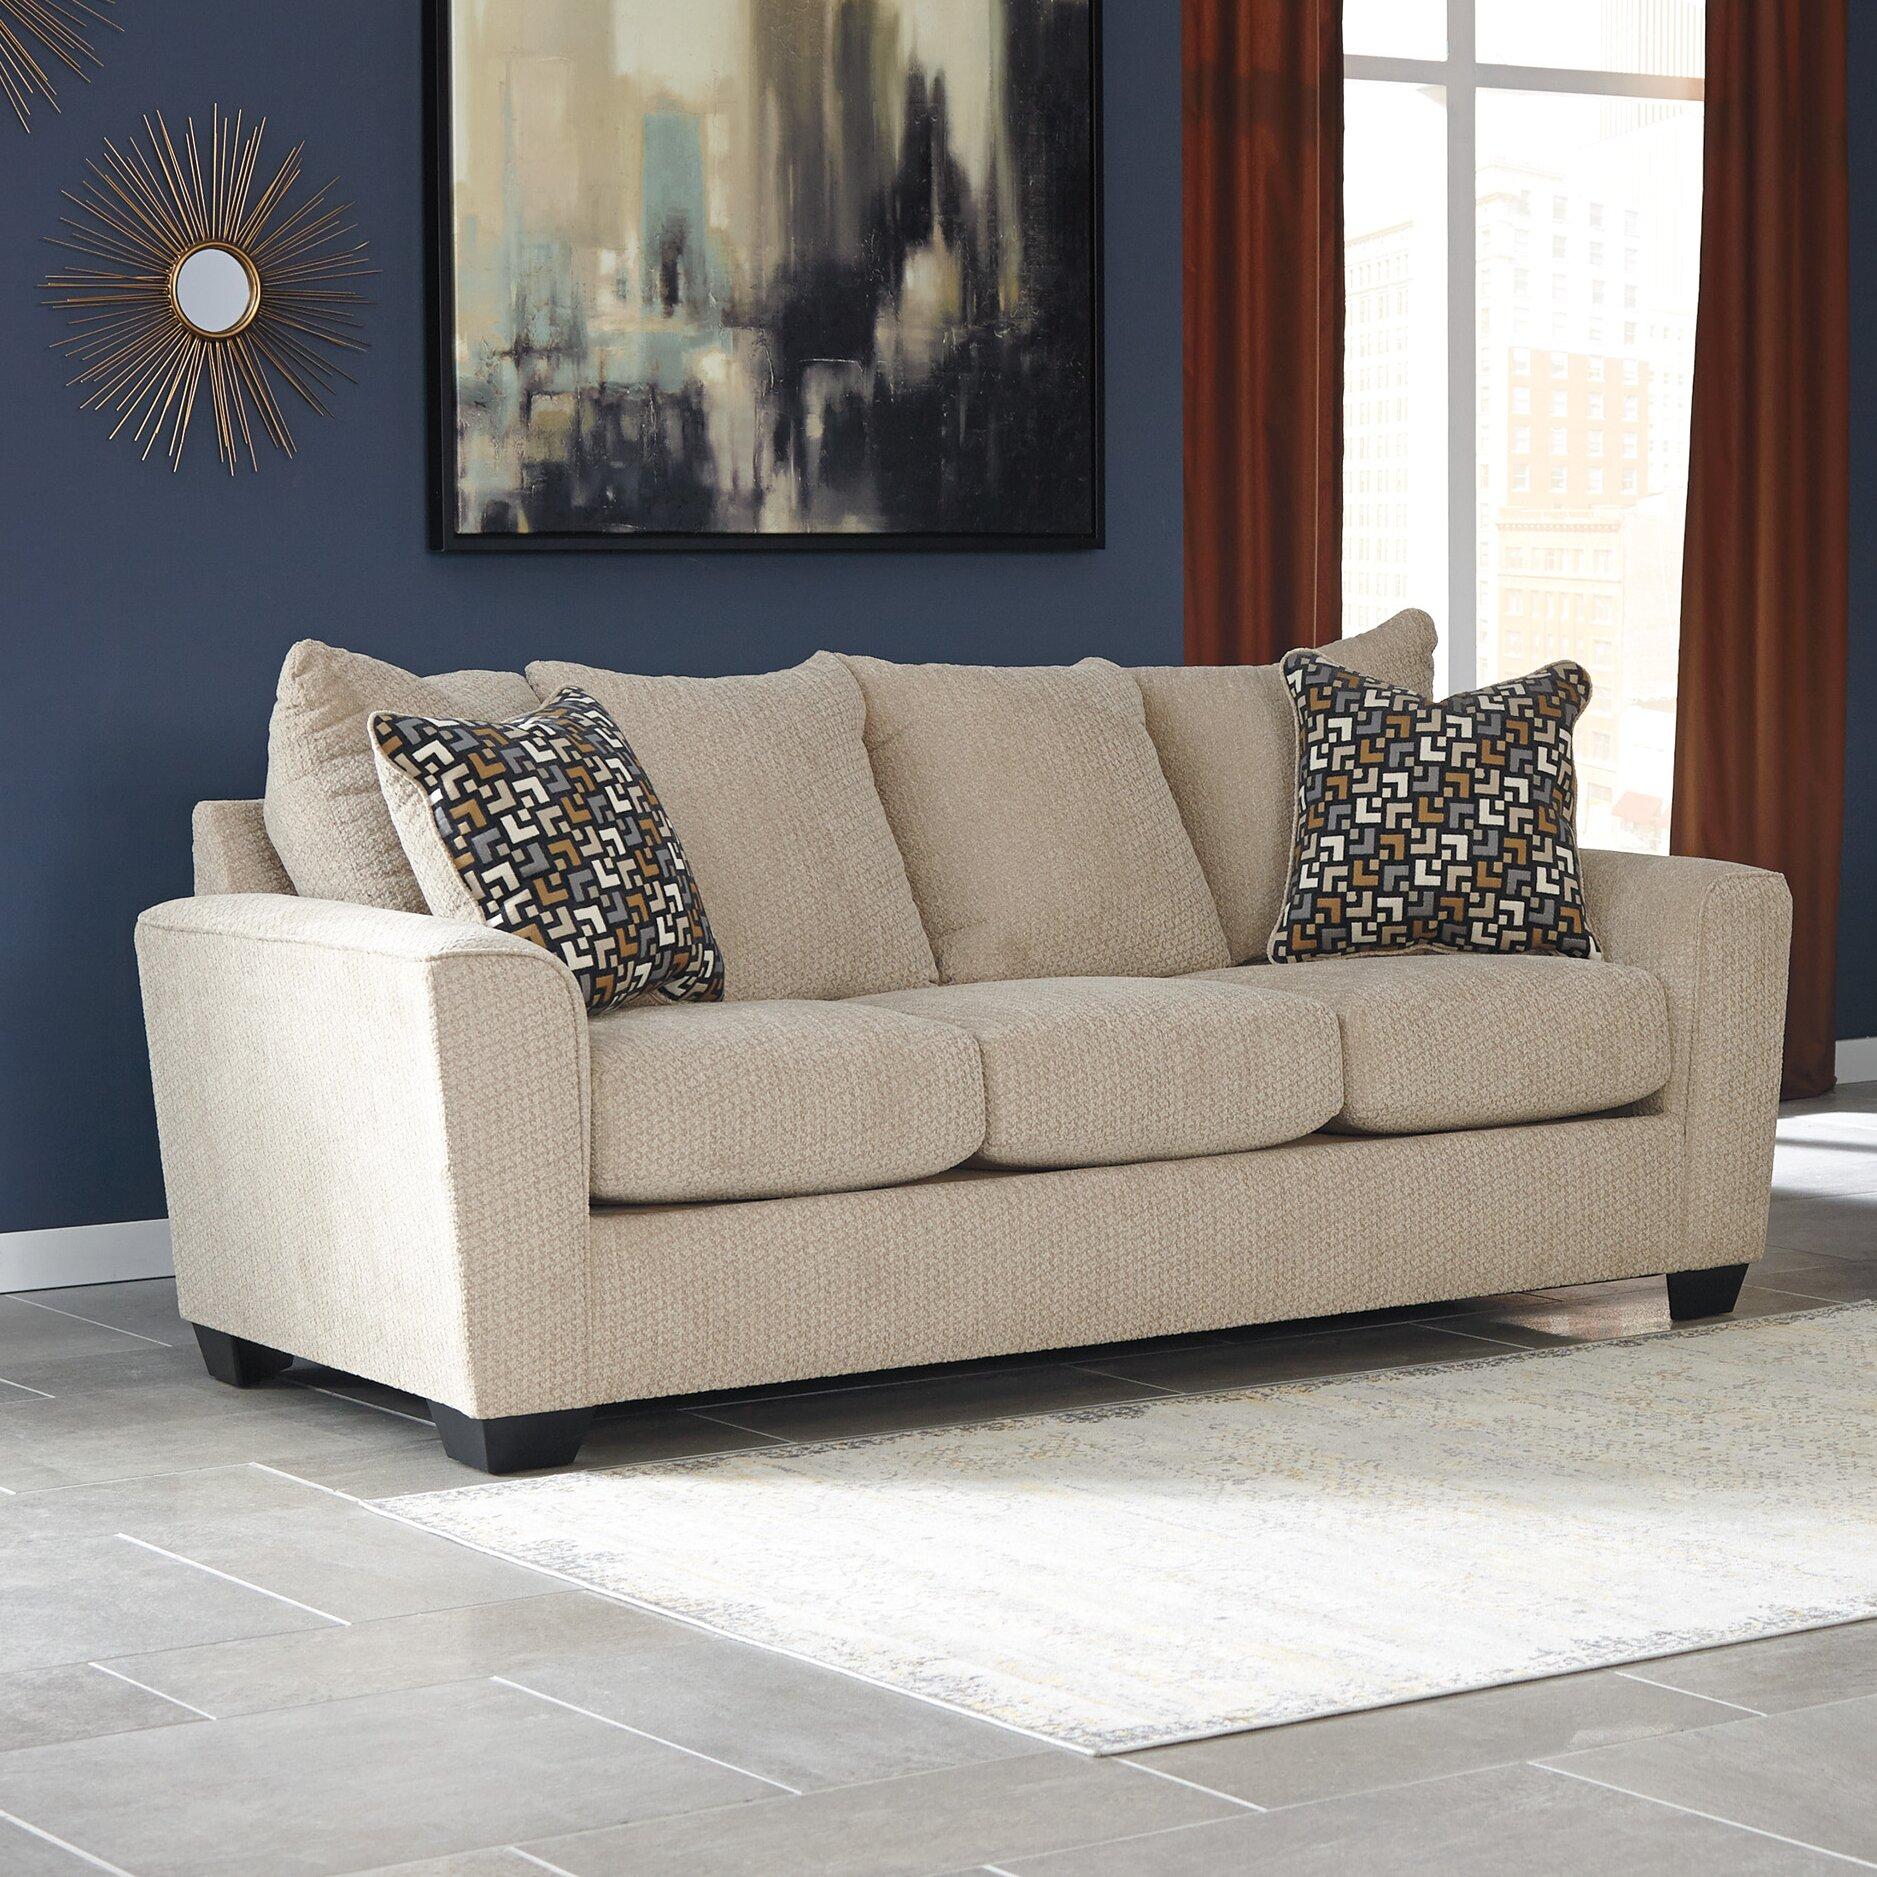 Benchcraft Wixon Sleeper Sofa Wayfair